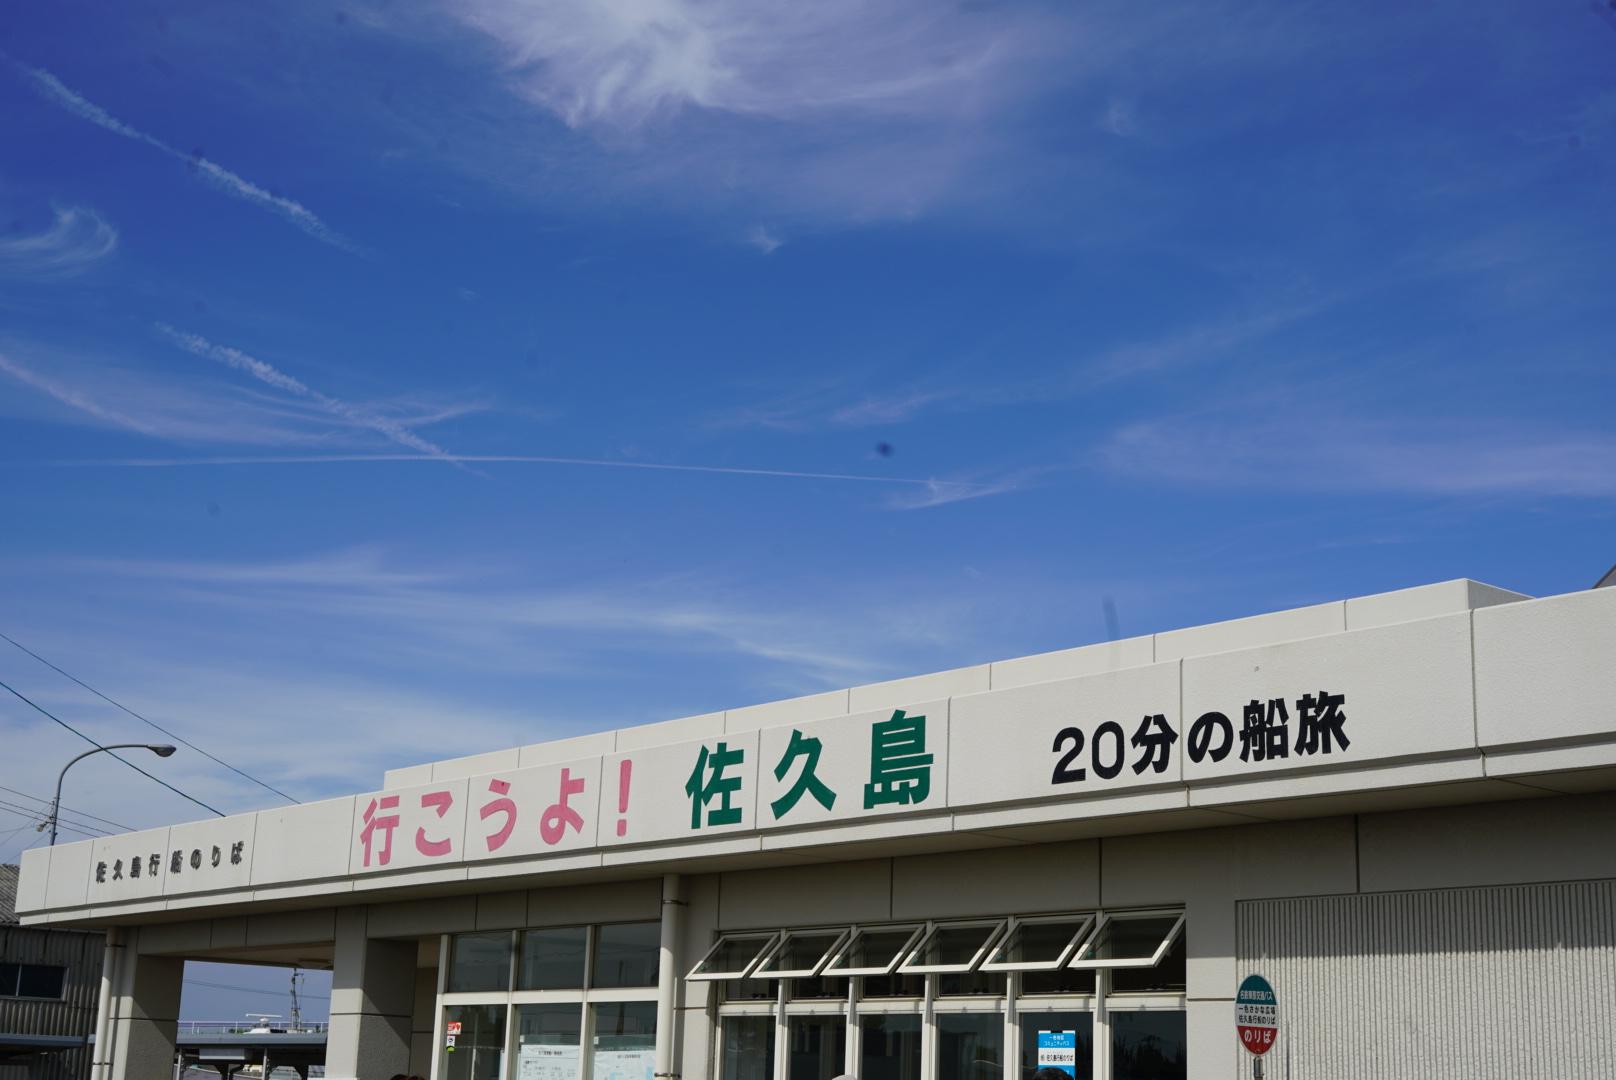 海の絶景を満喫!〜アートの島「佐久島」でインスタ映えスポットを巡る旅(前編)〜 - LRG DSC08275